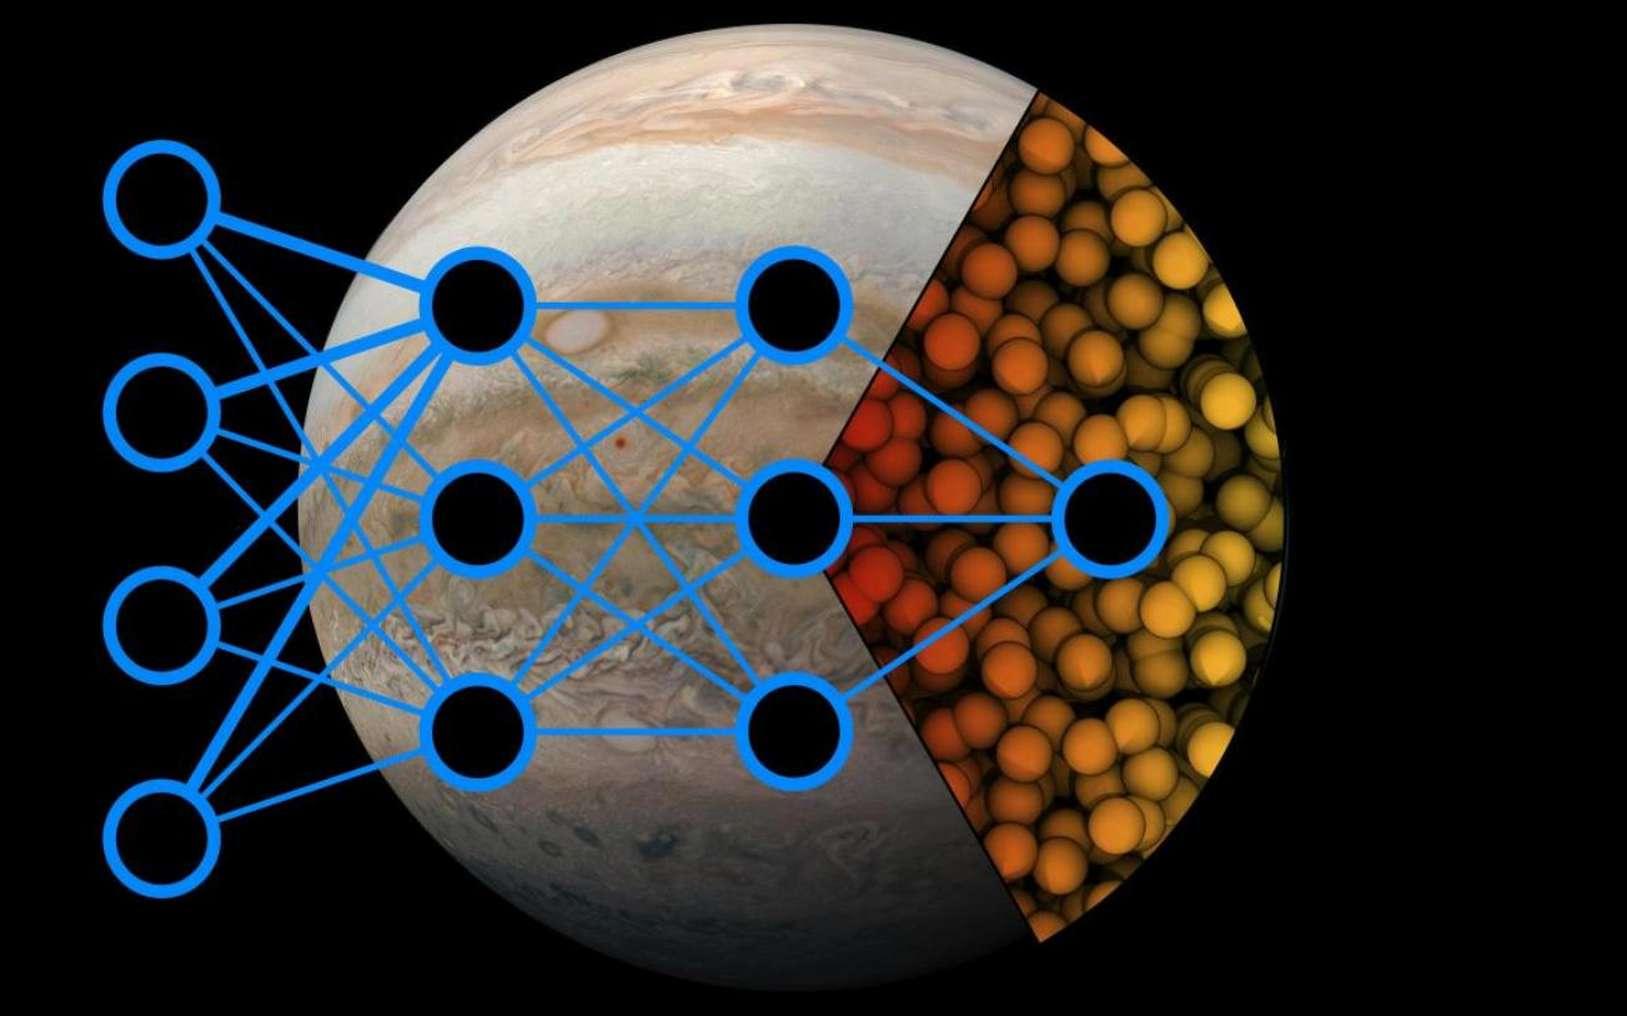 Une technique de deep learning peu coûteuse a permis d'étudier les transitions de phase hydrogène pour des températures comprises entre 100 et 4000 K et des pressions comprises entre 25 et 400 gigapascals. © Michele Ceriotti, EPFL